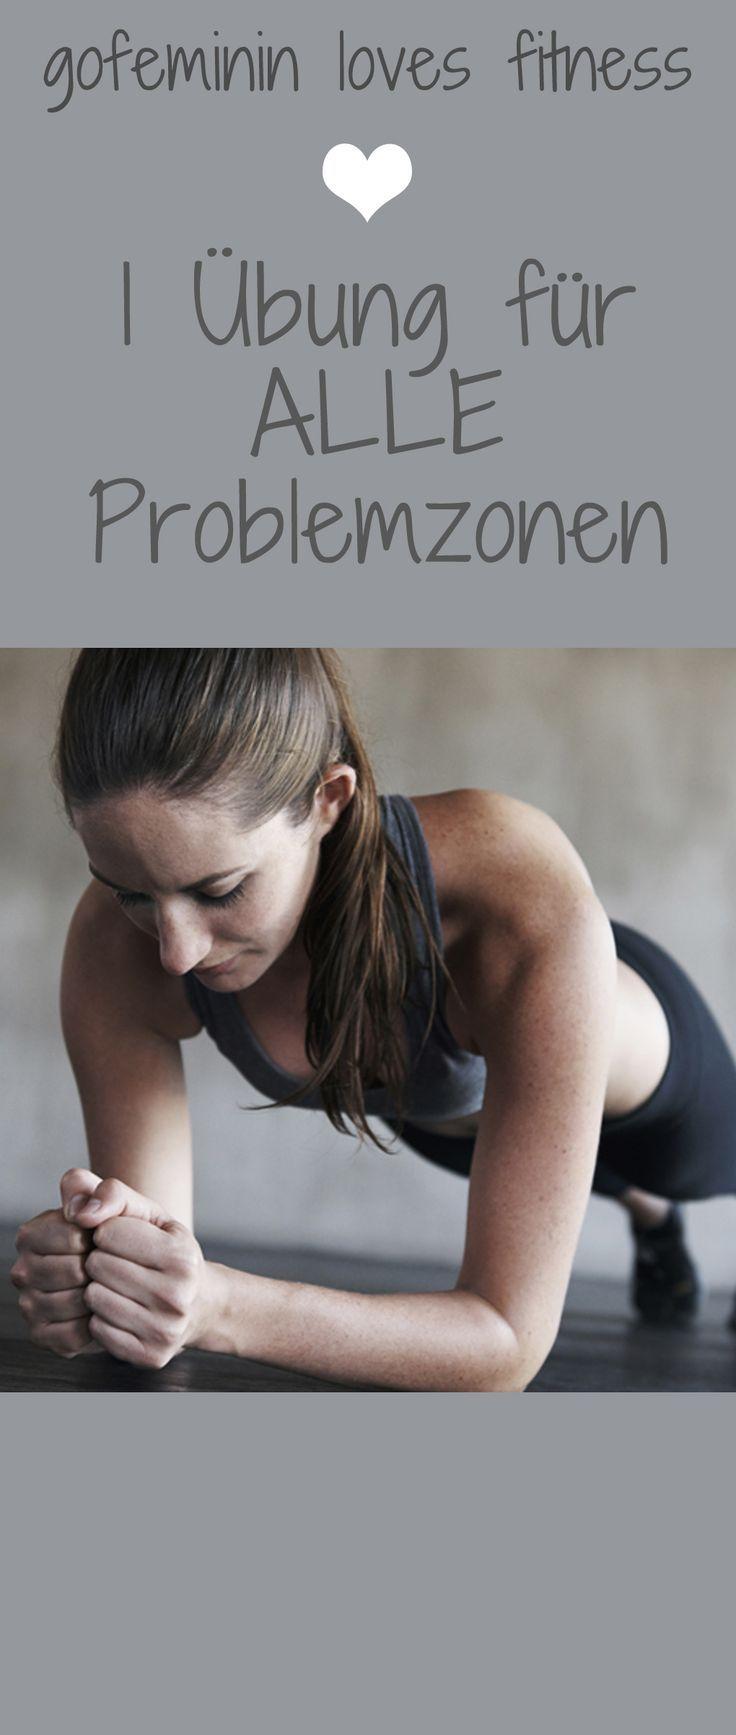 Die ultimative Übung für den ganzen Körper - 1 Übung für 1 straffe Körper…